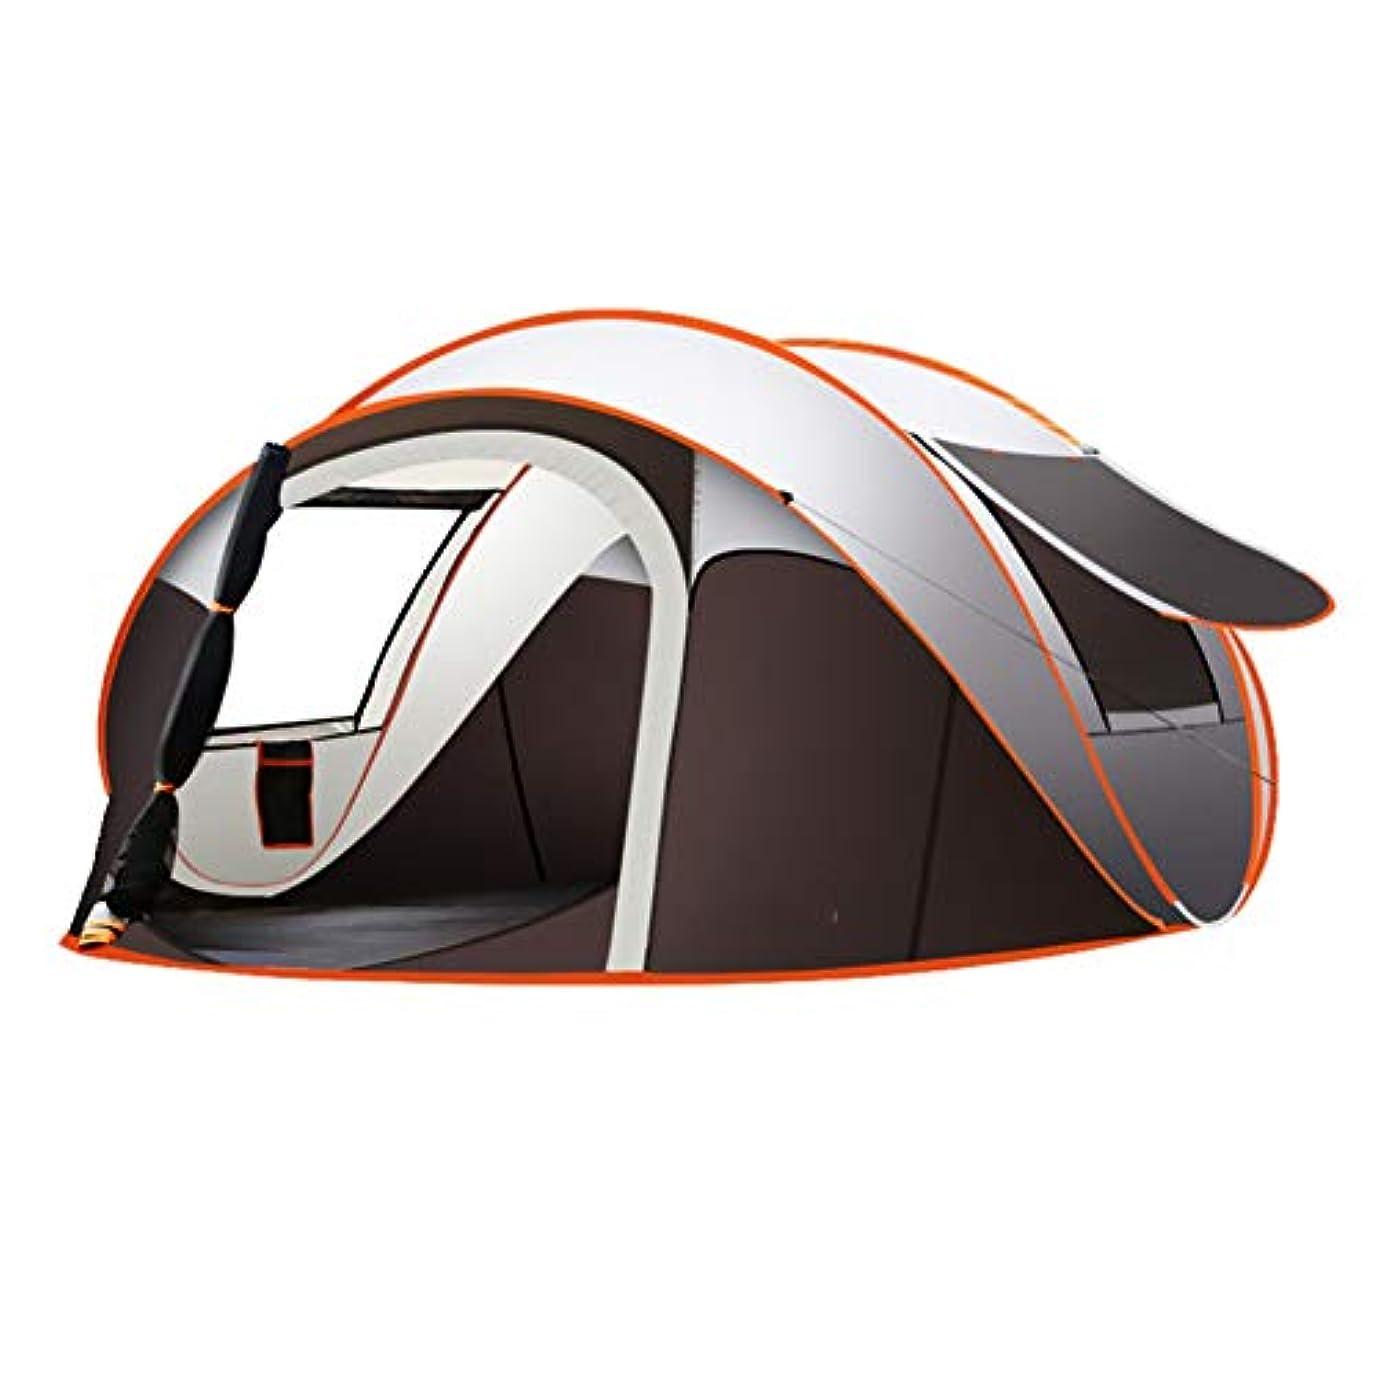 ロケーション幻滅する喉が渇いた家族キャンプテント5-8人がポップアップドームファミリービーチキャンプテントを自動的に設置